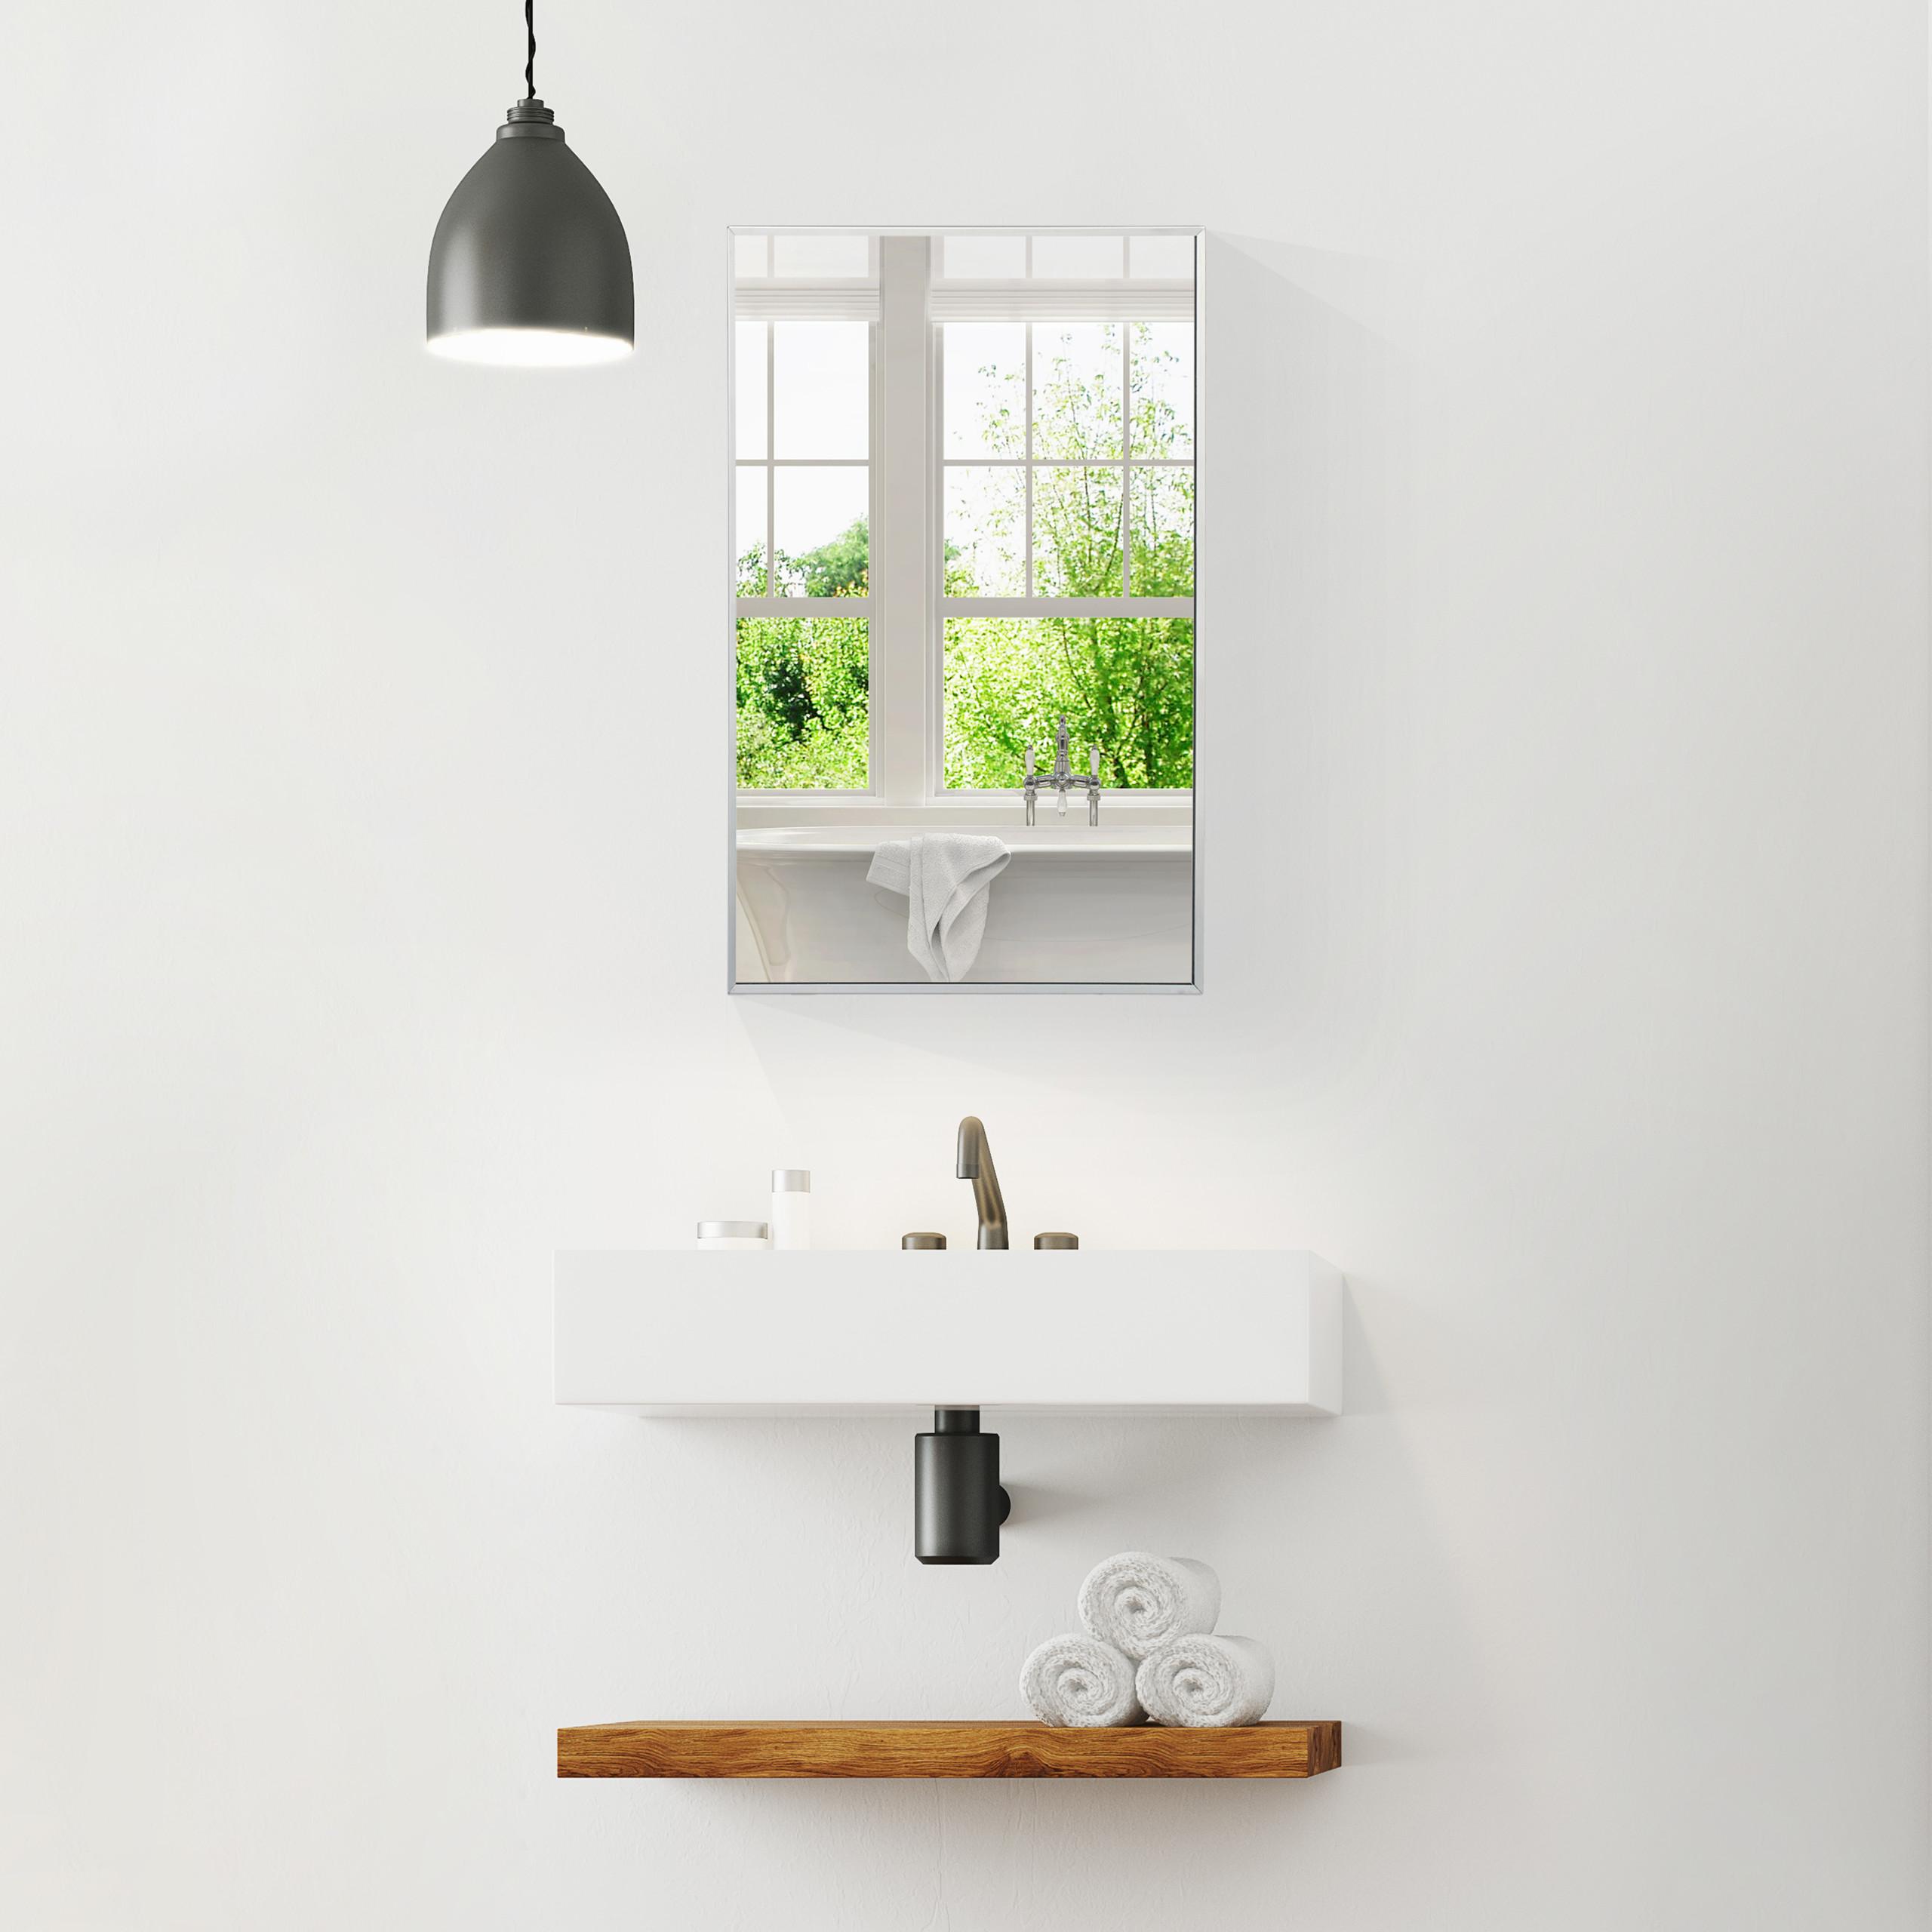 Armadietto a specchio per il bagno pensile in acciaio 3 ripiani anta unica ebay - Pensile bagno specchio ...